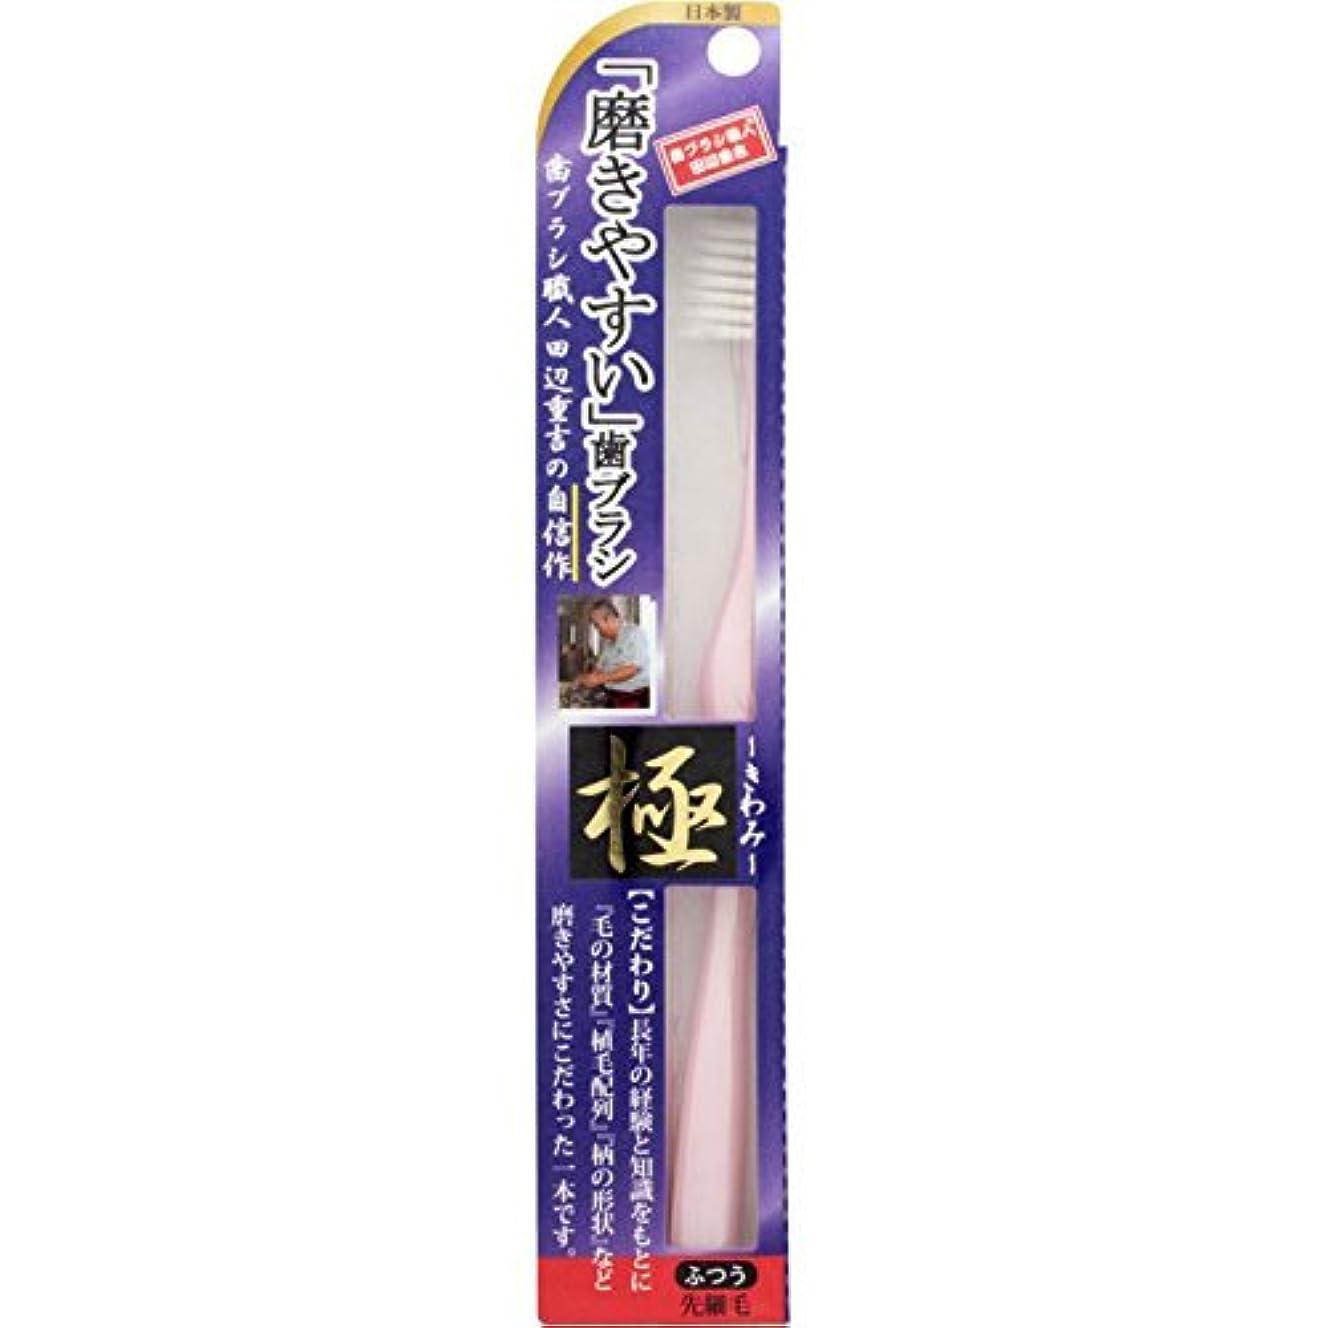 研磨脅威ボックス【まとめ買い】磨きやすい歯ブラシ 極 LT22 ×12個